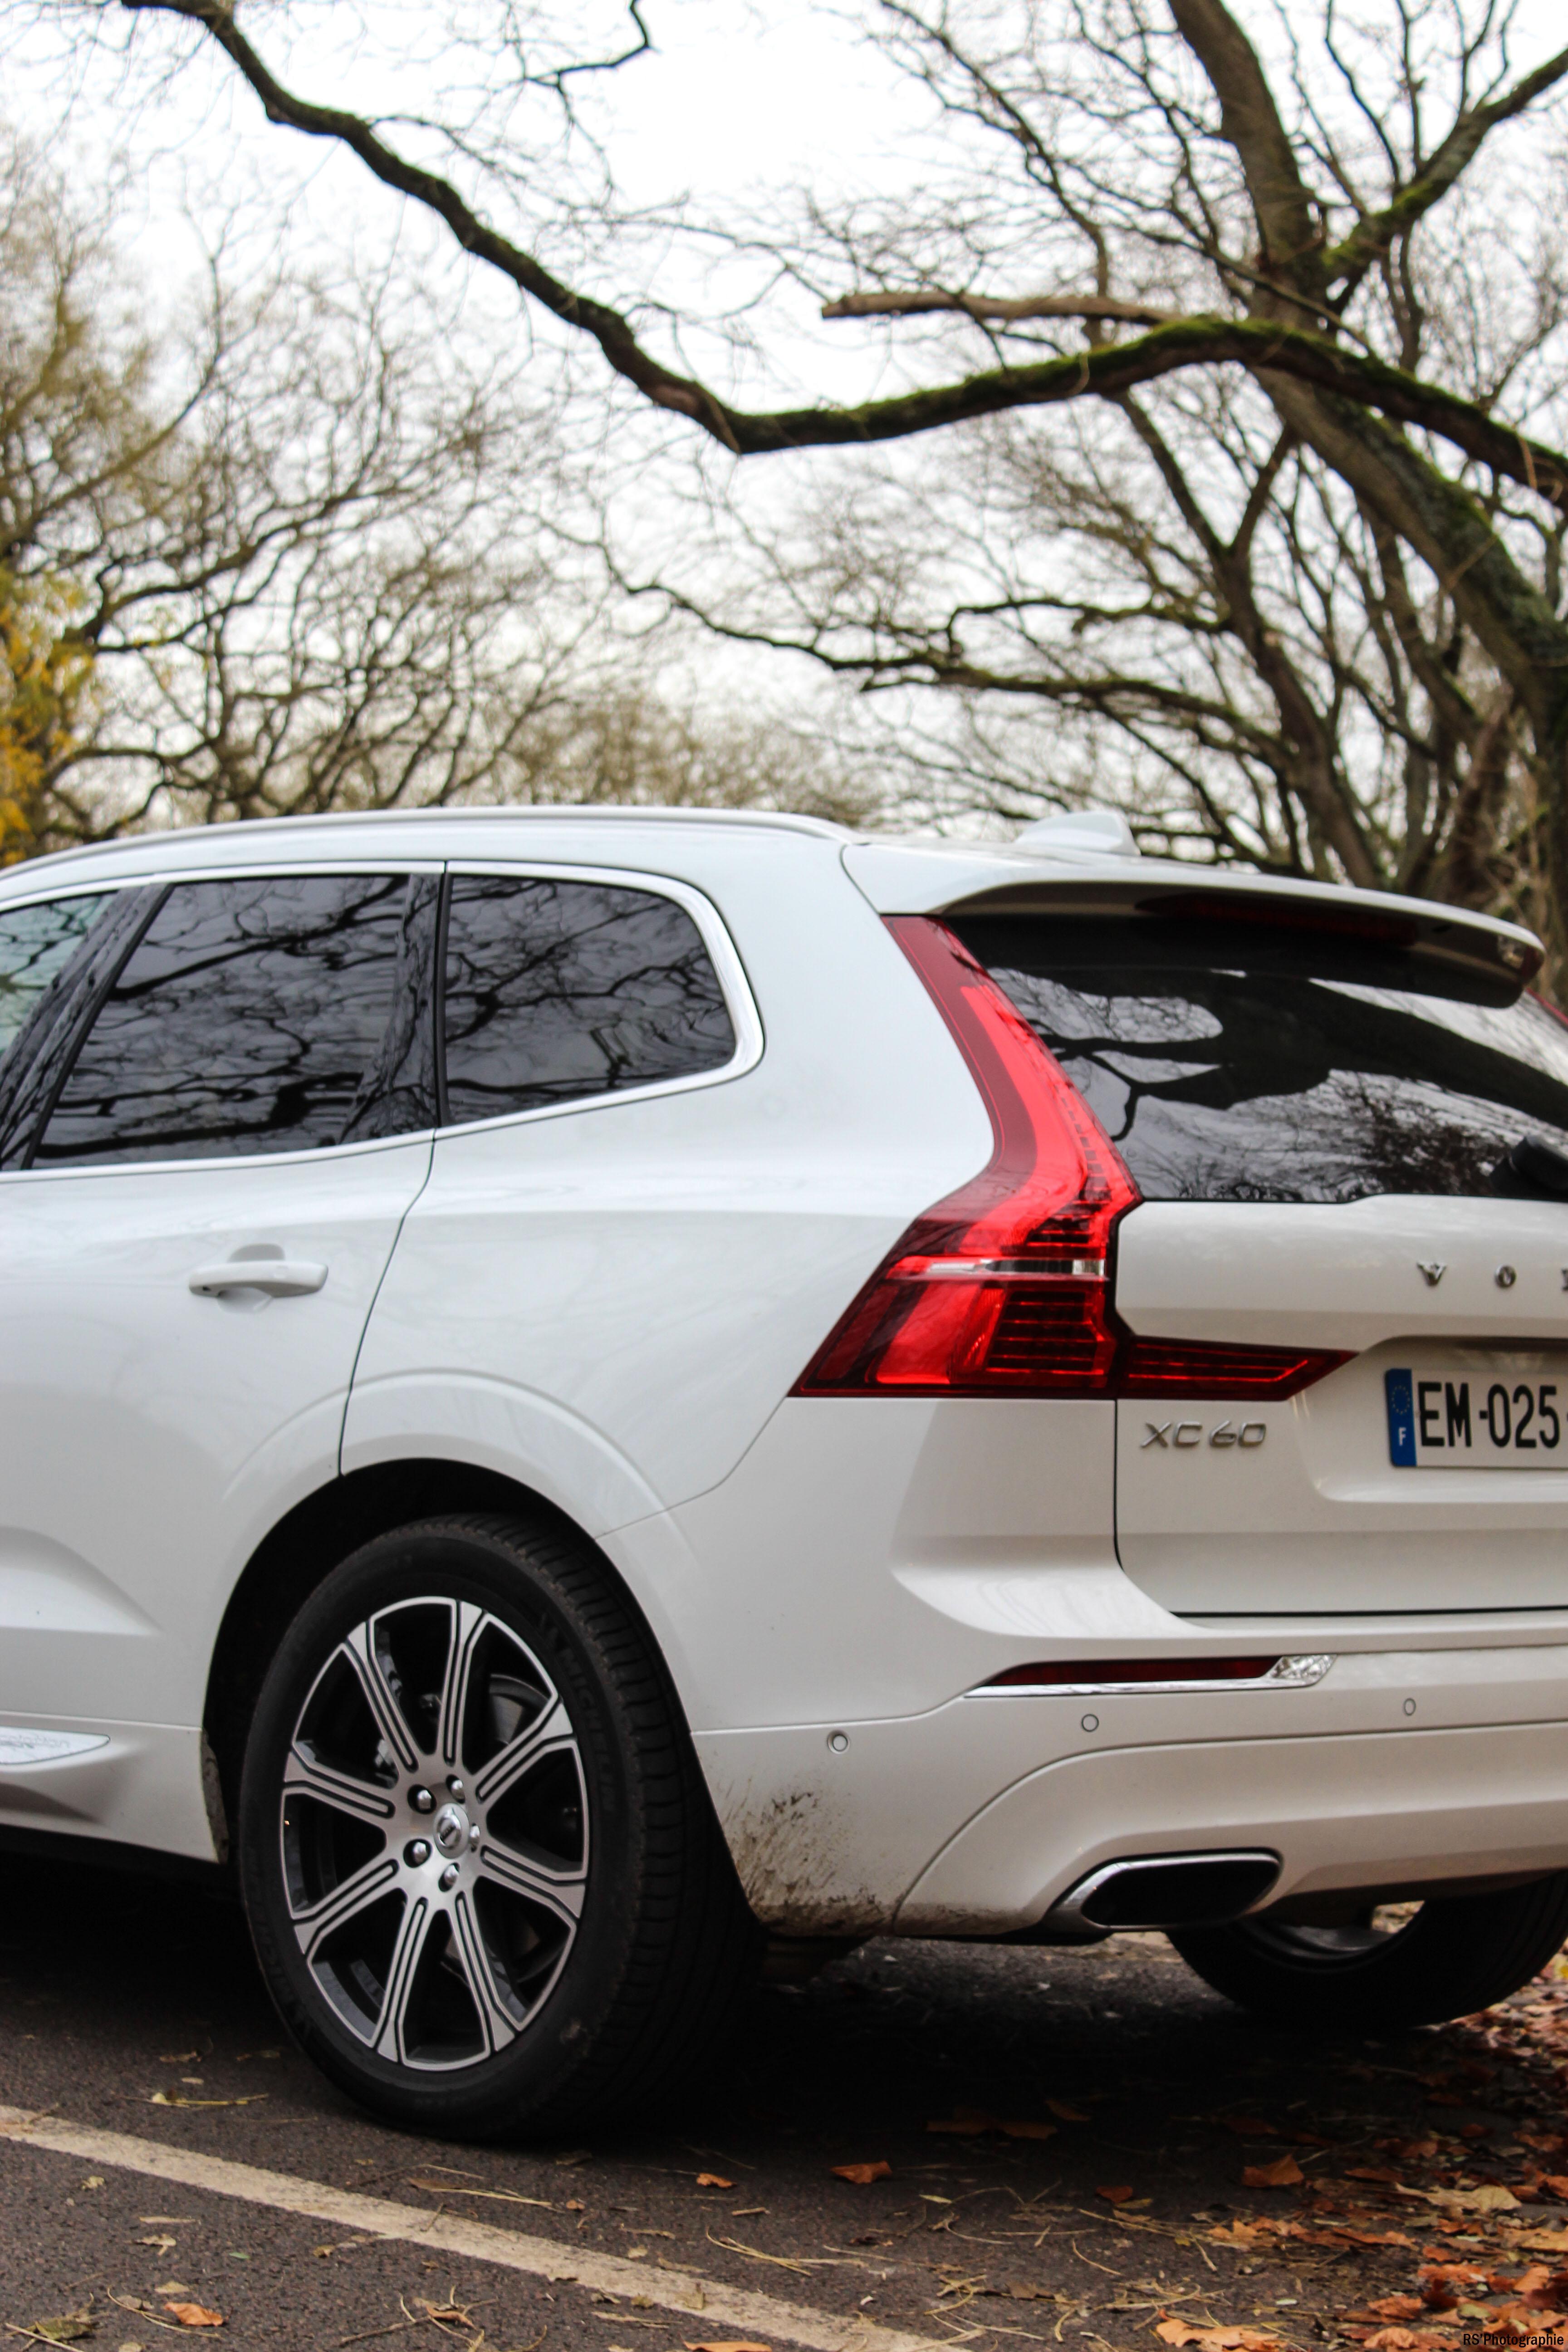 volvoXC6022-volvo-XC60-T8-Hybrid-arriere-rear-Arnaud Demasier-RSPhotographie